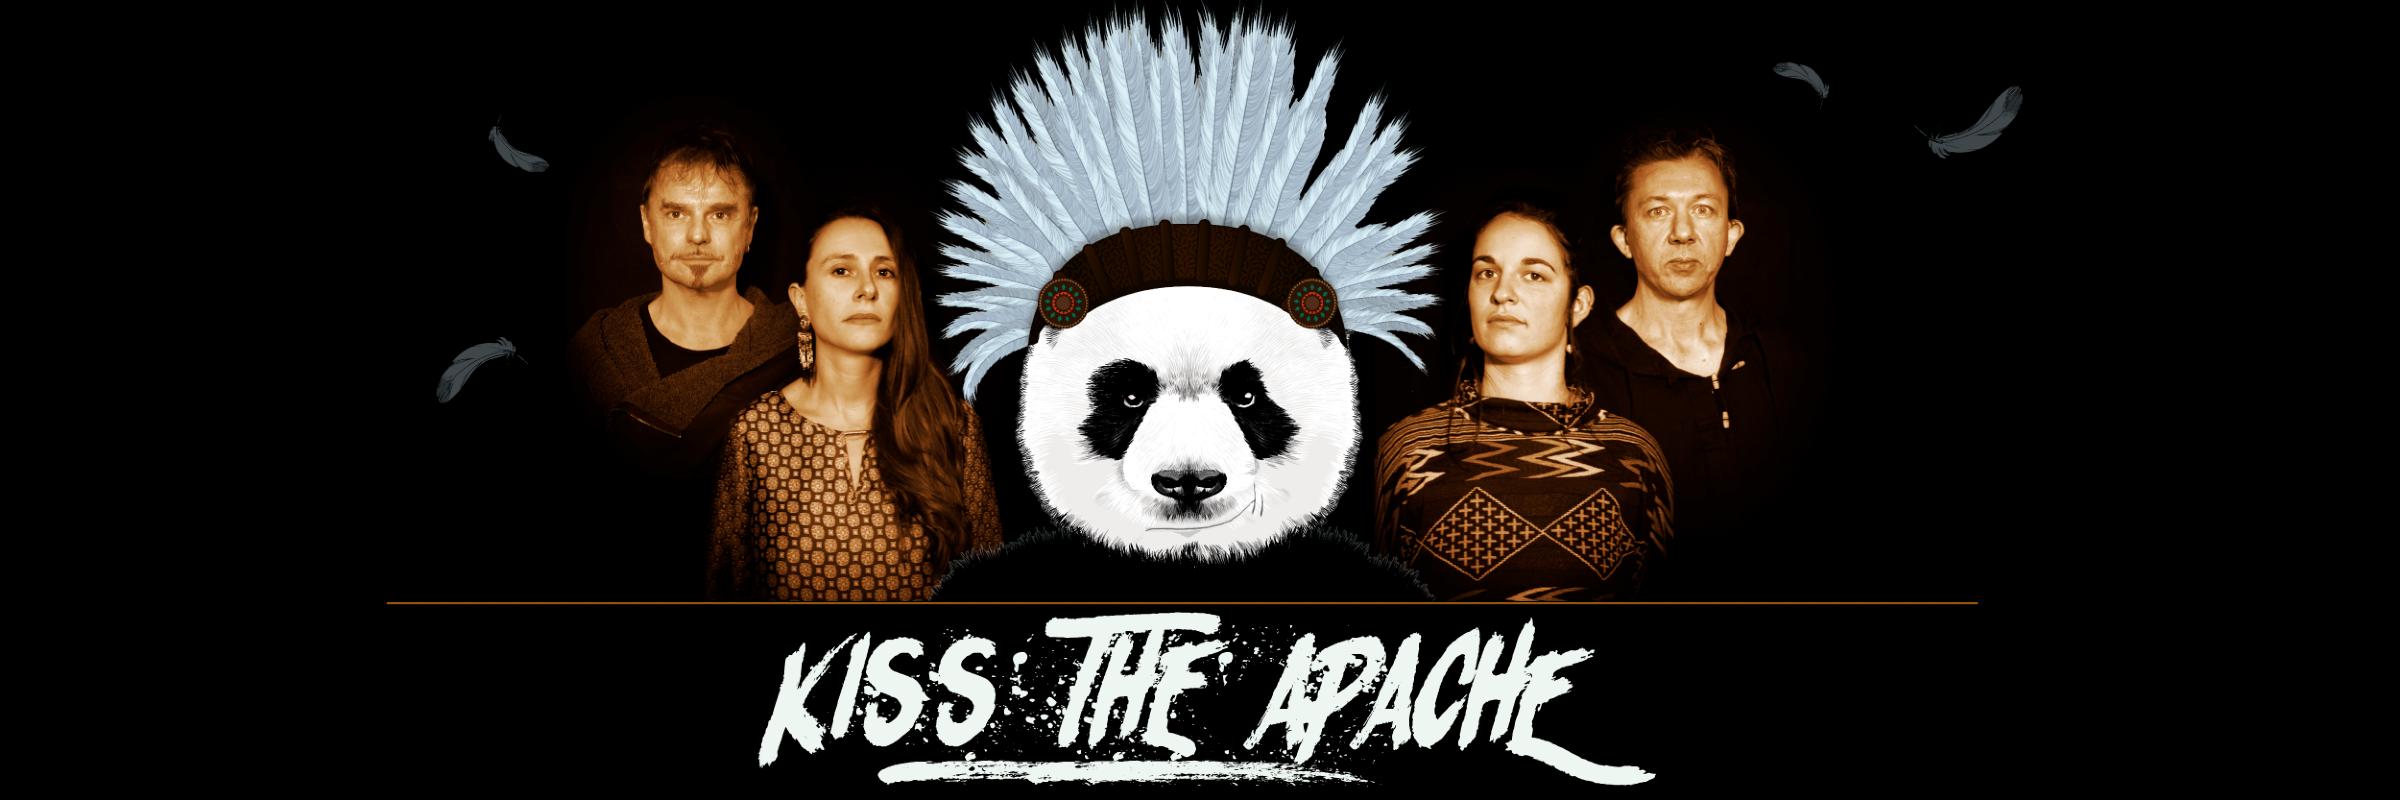 Kiss the Apache, groupe de musique Folk en représentation à Calvados - photo de couverture n° 1